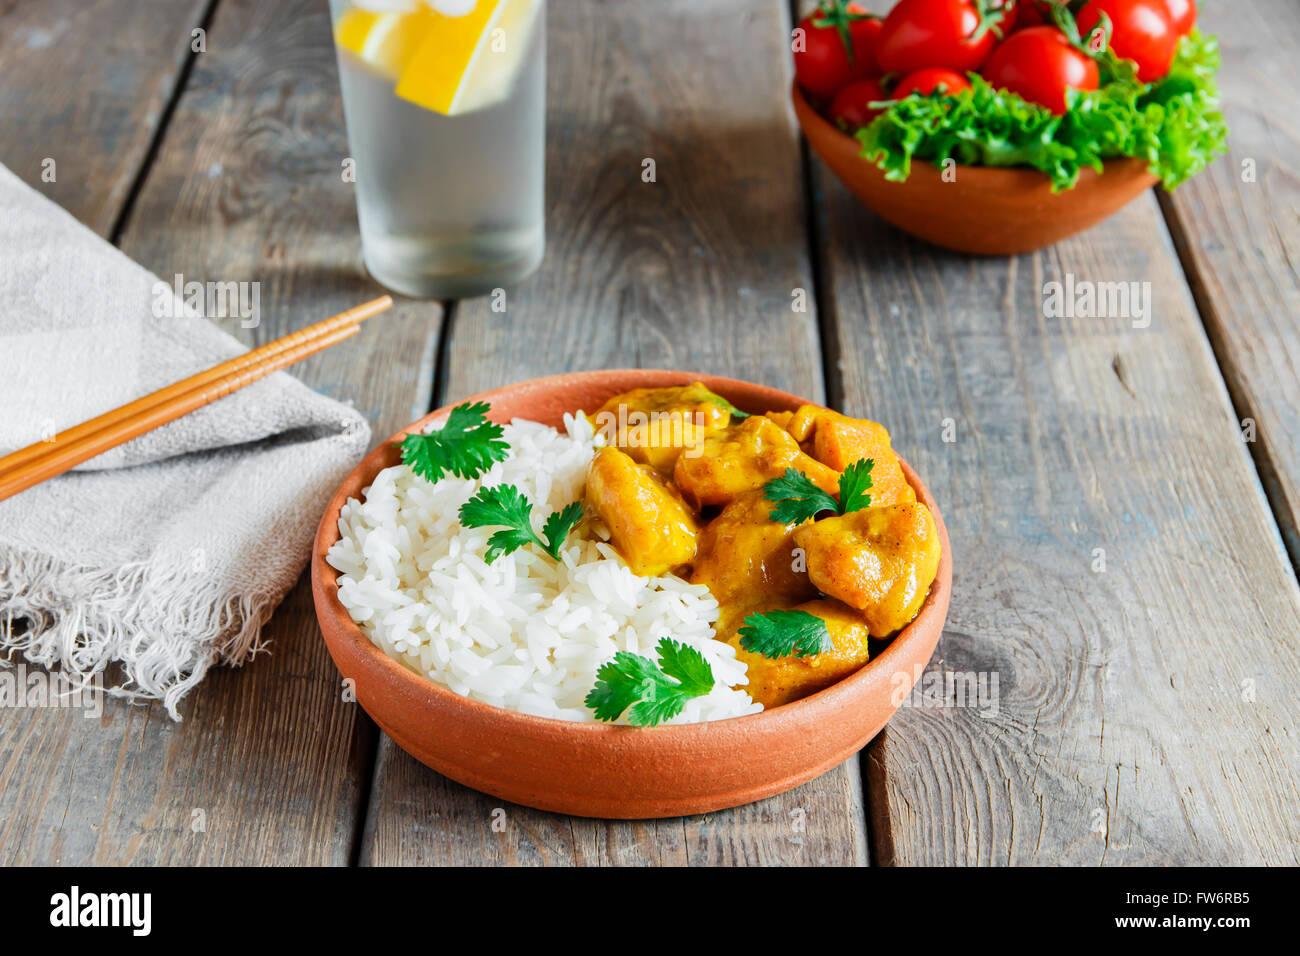 Poulet au curry avec du riz sur une surface en bois Photo Stock